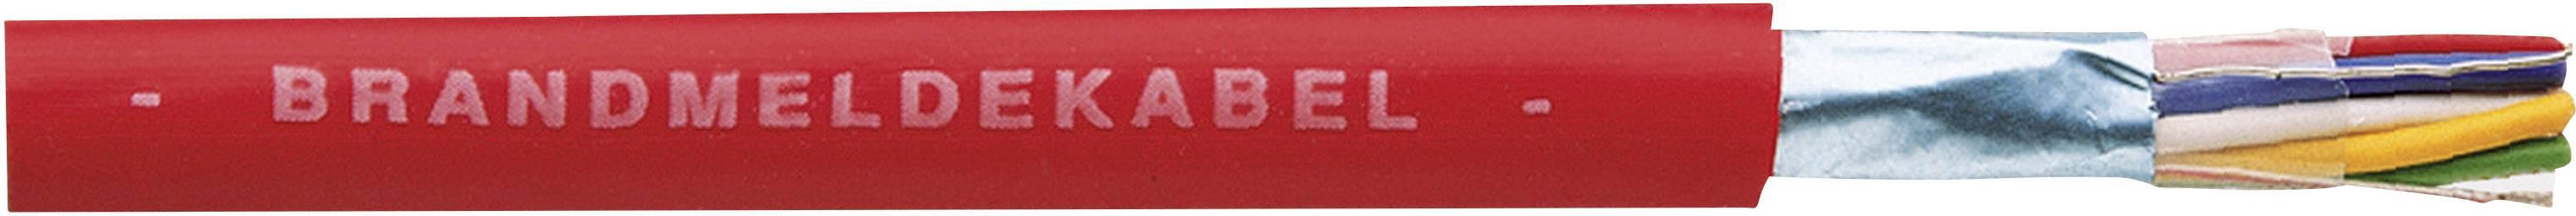 Signalizační kabel Faber Kabel (100056), stíněný, červená, 1 m